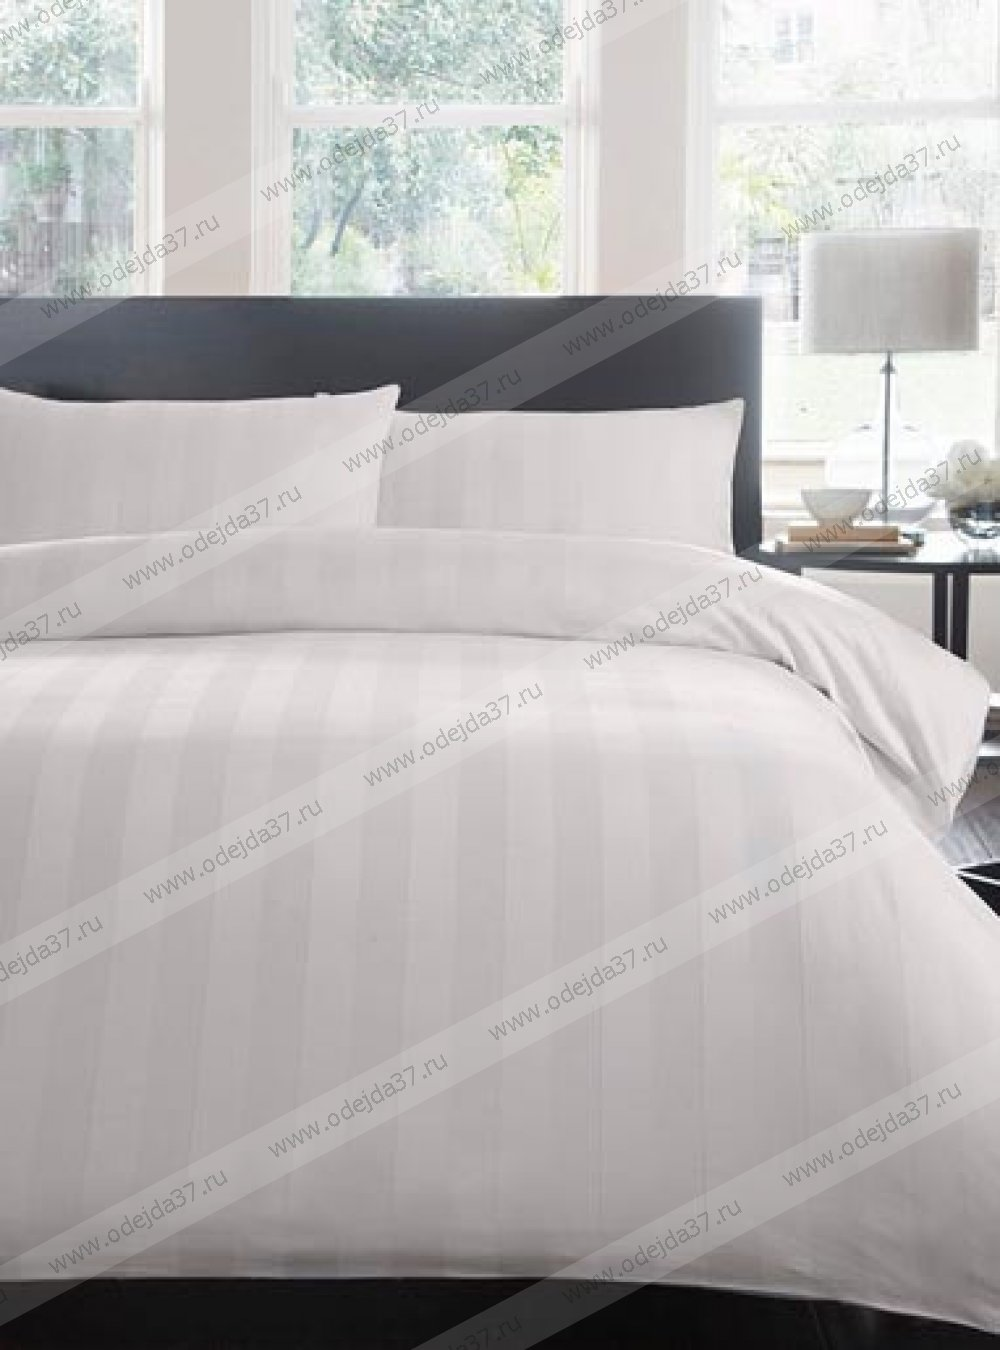 Увеличить - Комплект постельного белья №435